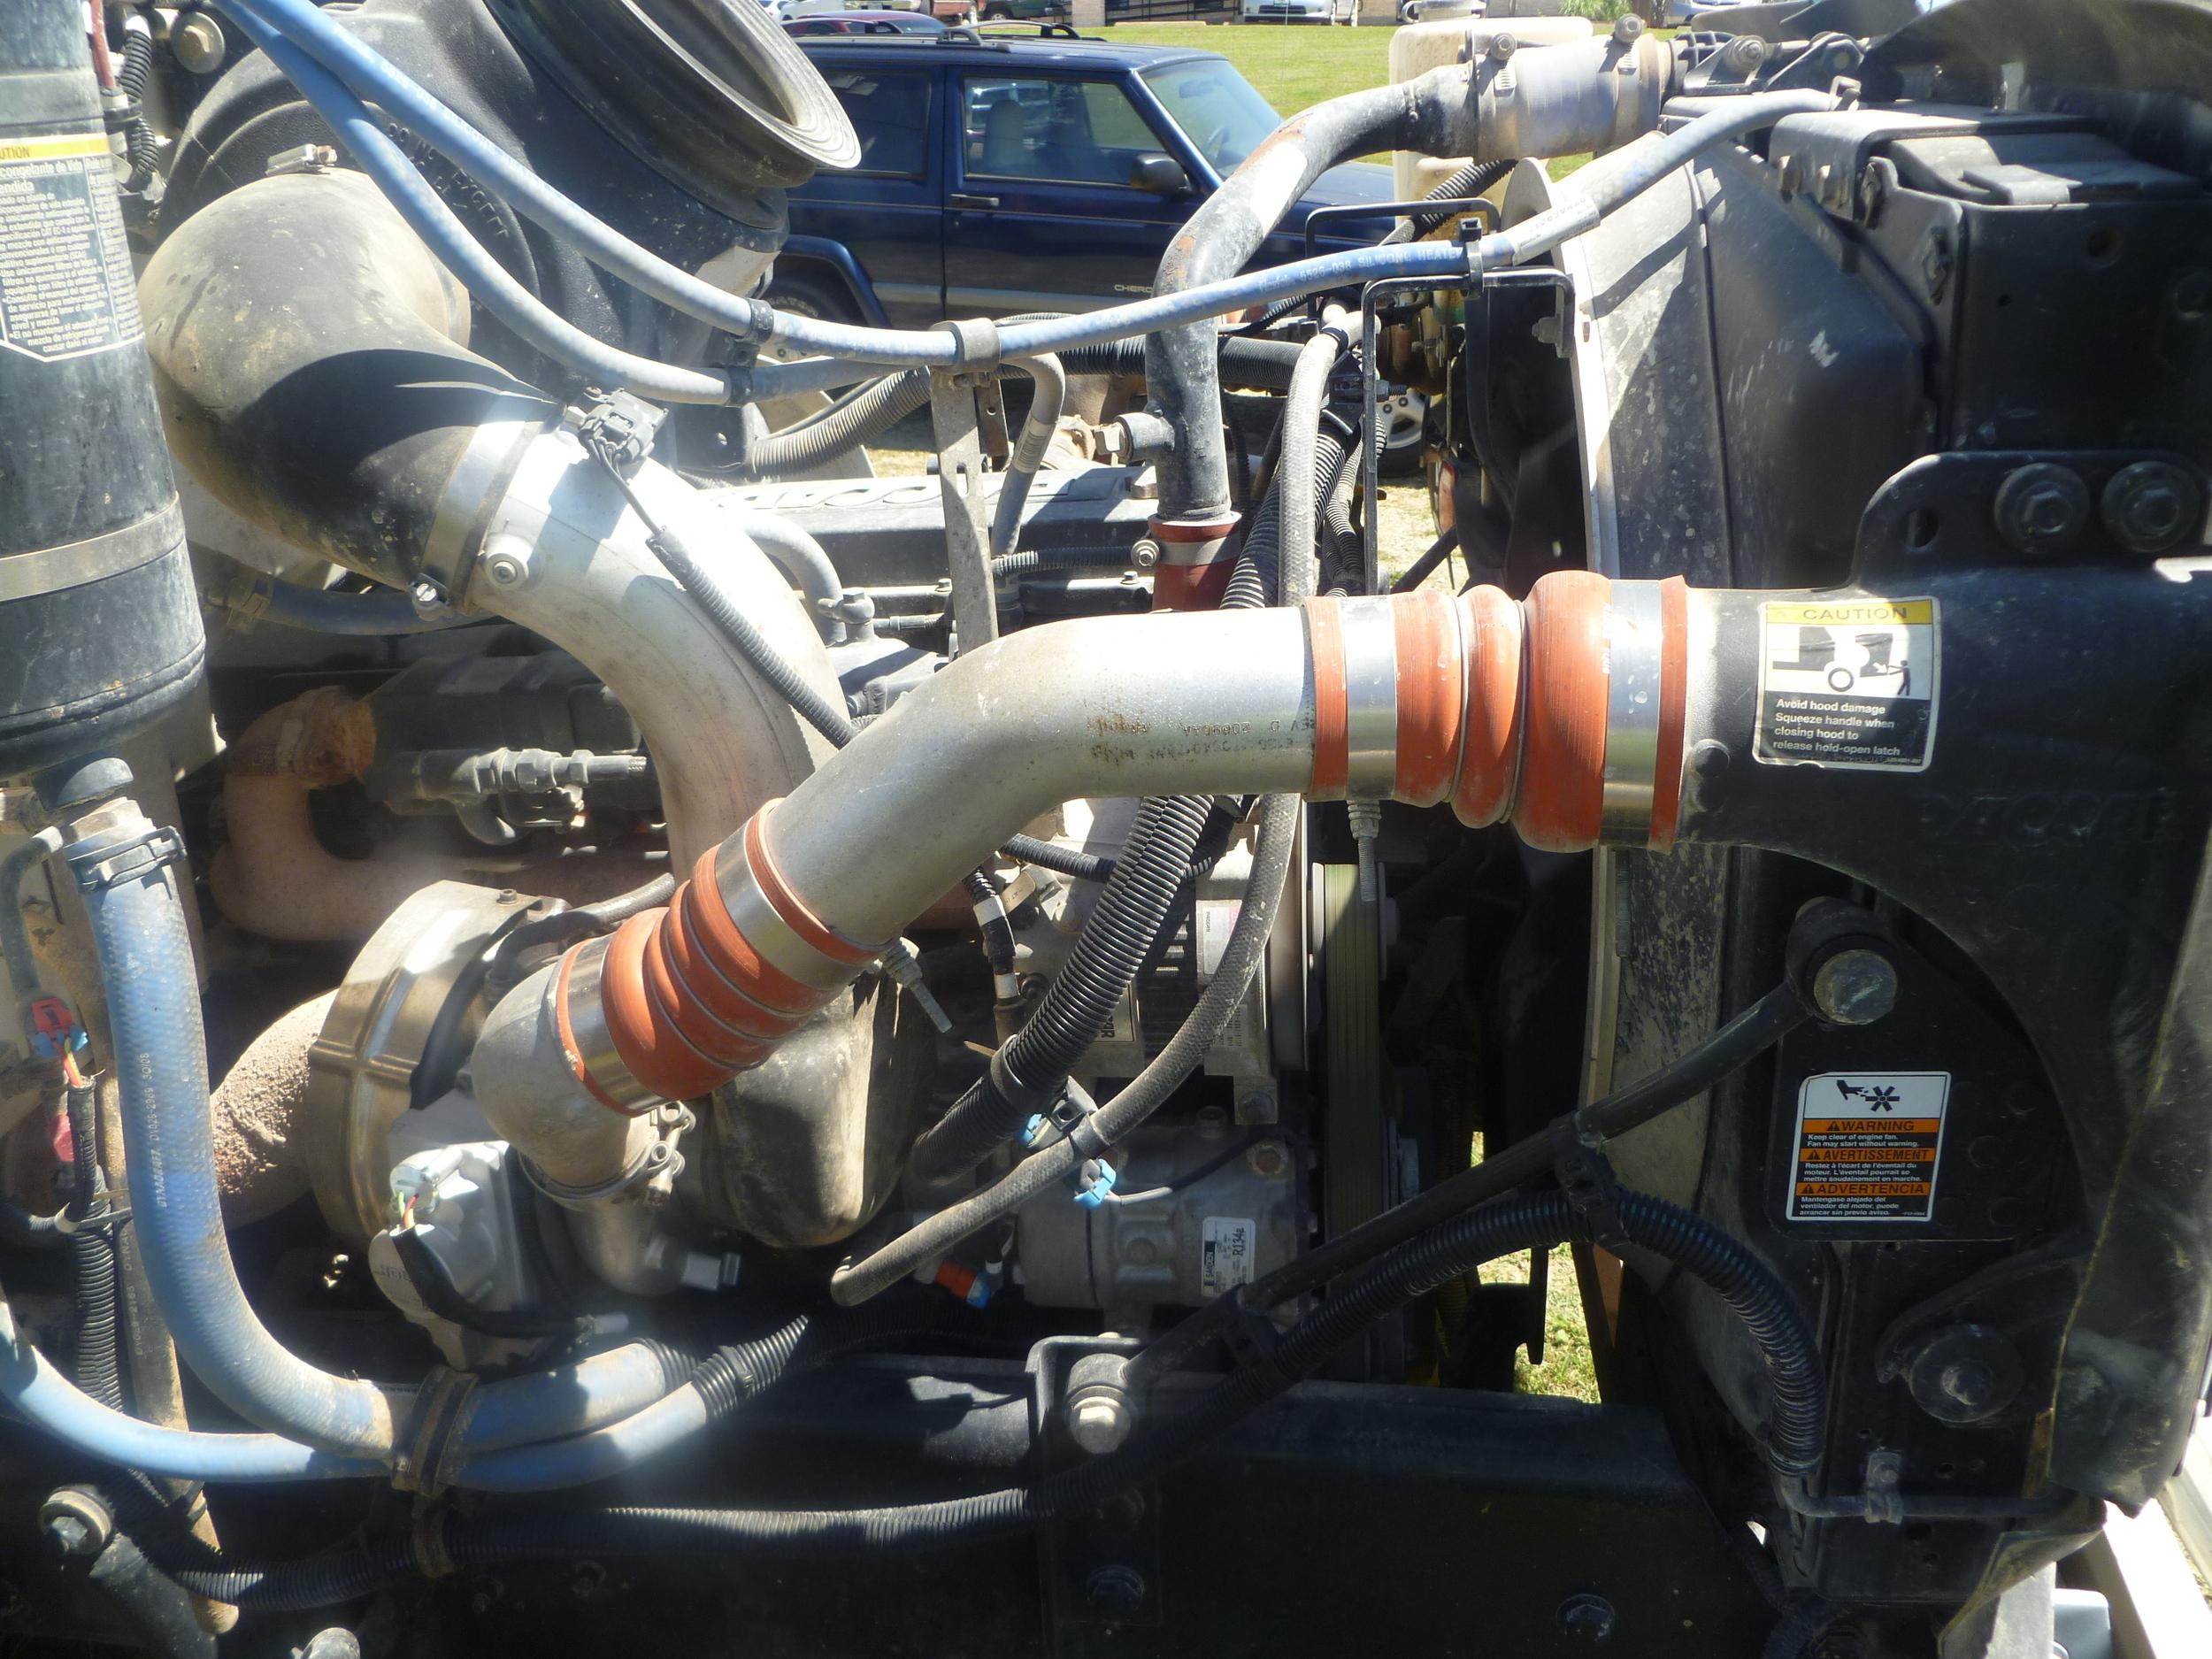 2009 Peterbilt service truck_23.JPG